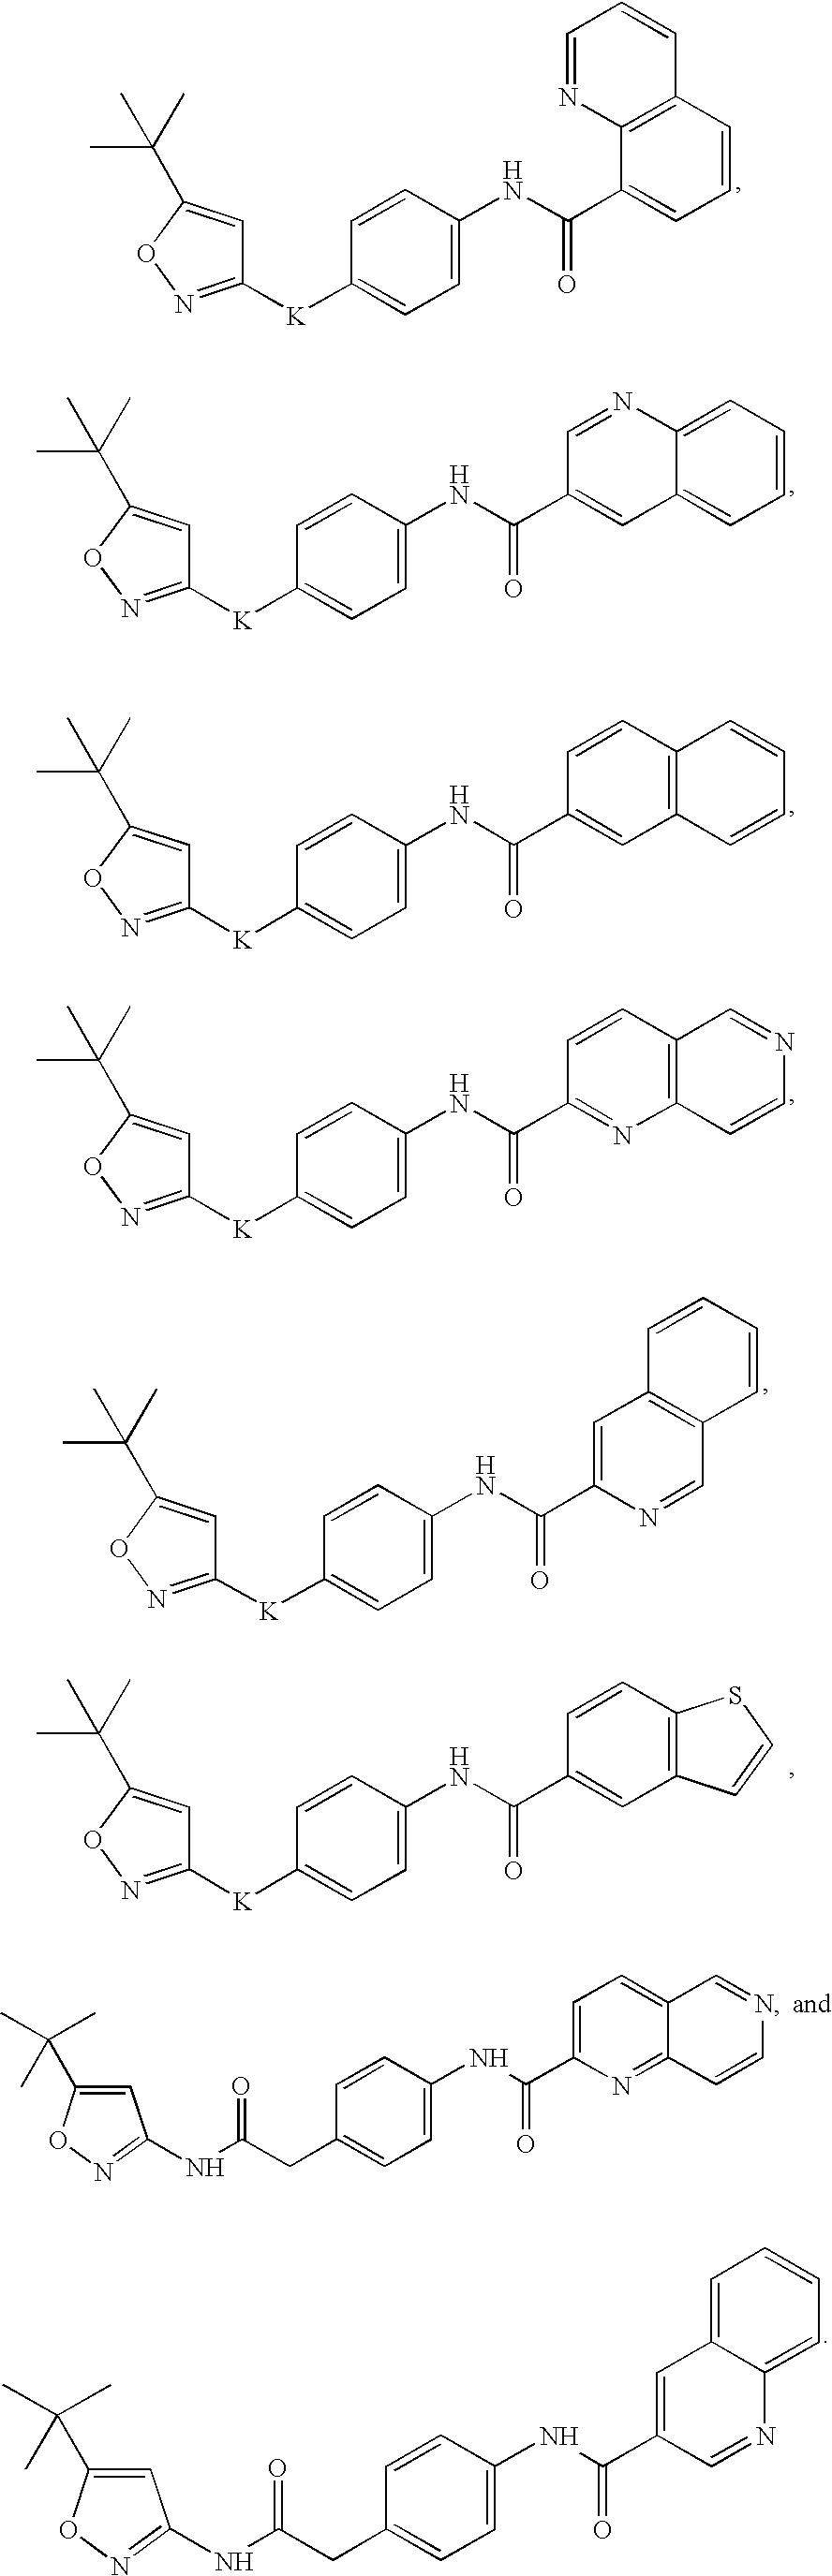 Figure US07767670-20100803-C00357